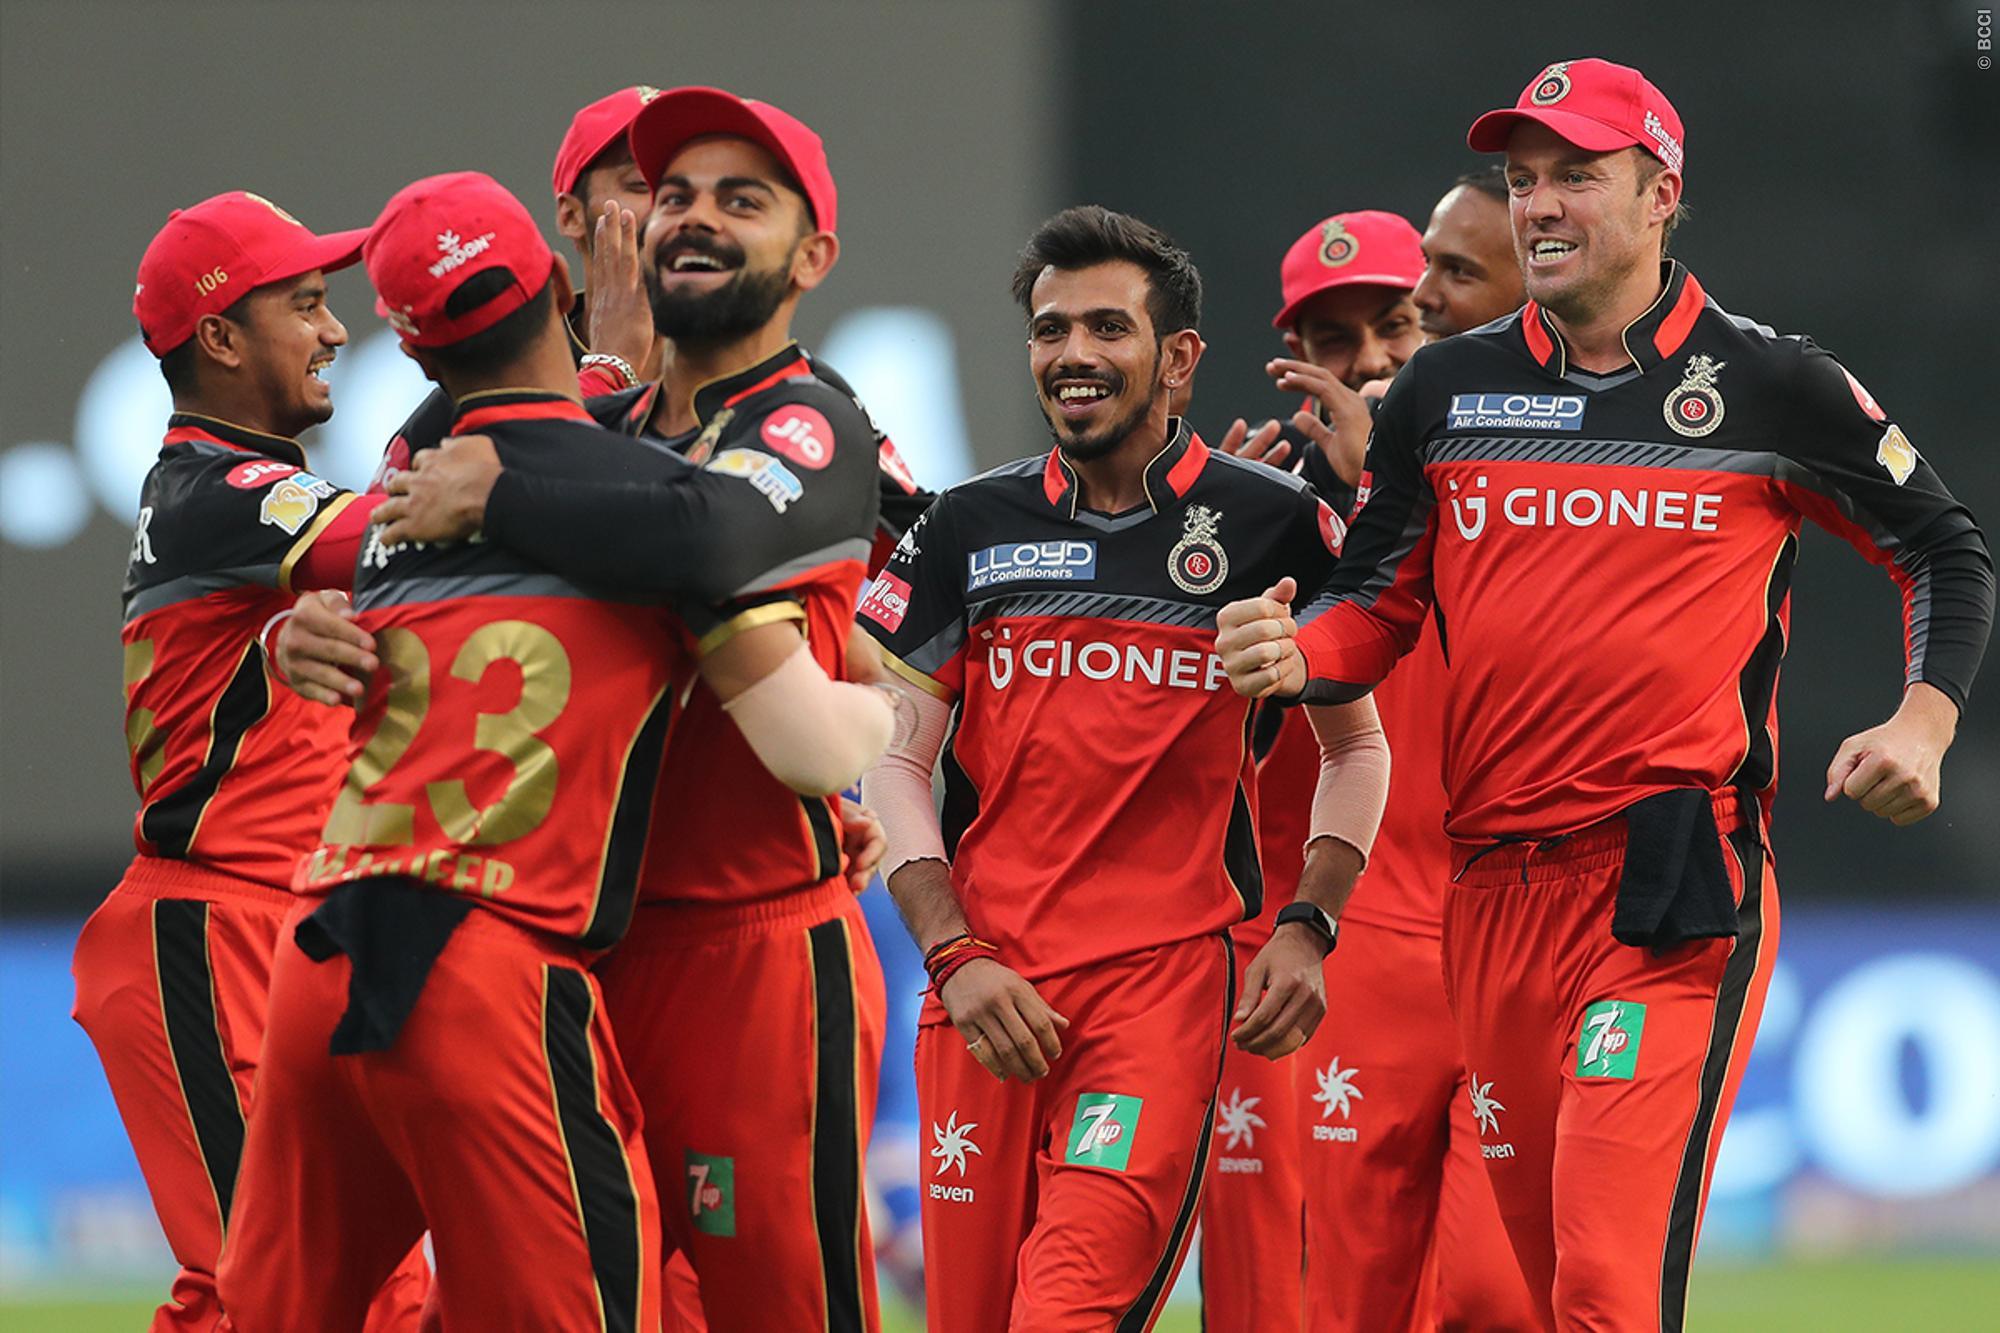 IPL 2019: मिथुन मन्हास को आरसीबी ने अपना असिस्टेंट कोच नियुक्त किया